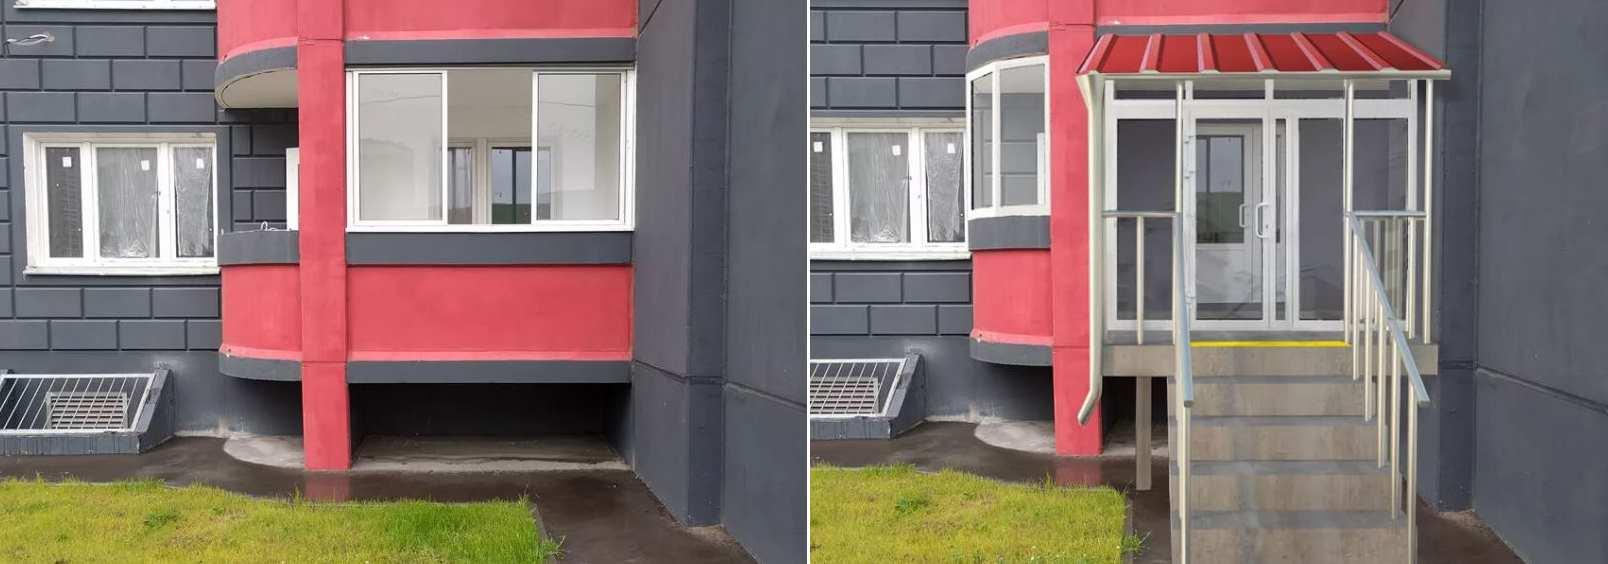 До и после создания входа